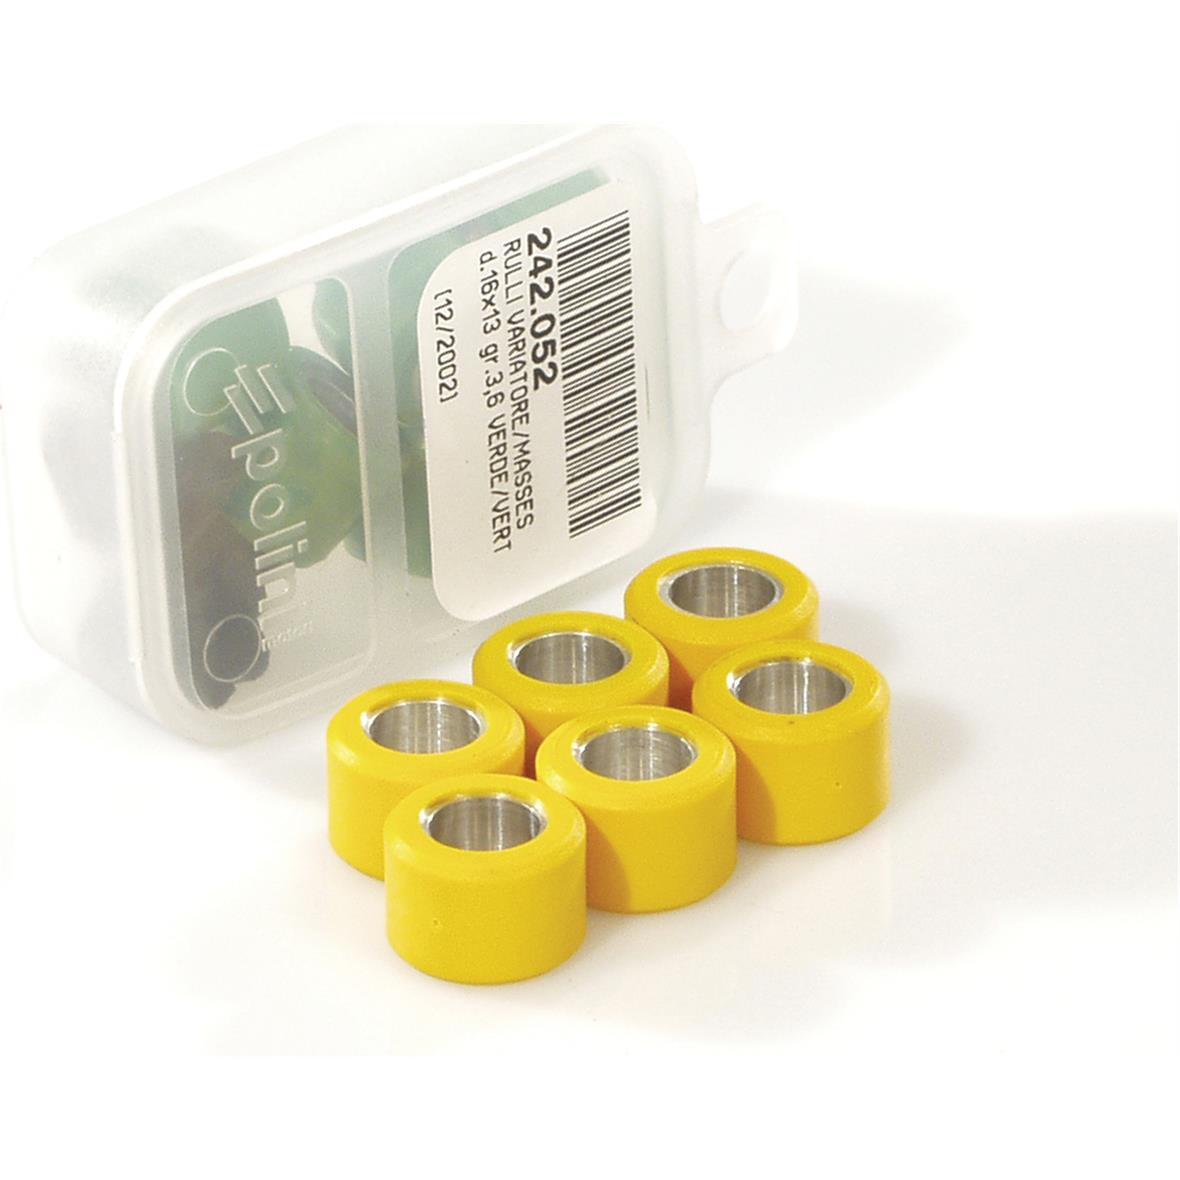 Productafbeelding voor 'Variateur Rollen POLINI 15x12 mm 2,1 gramTitle'